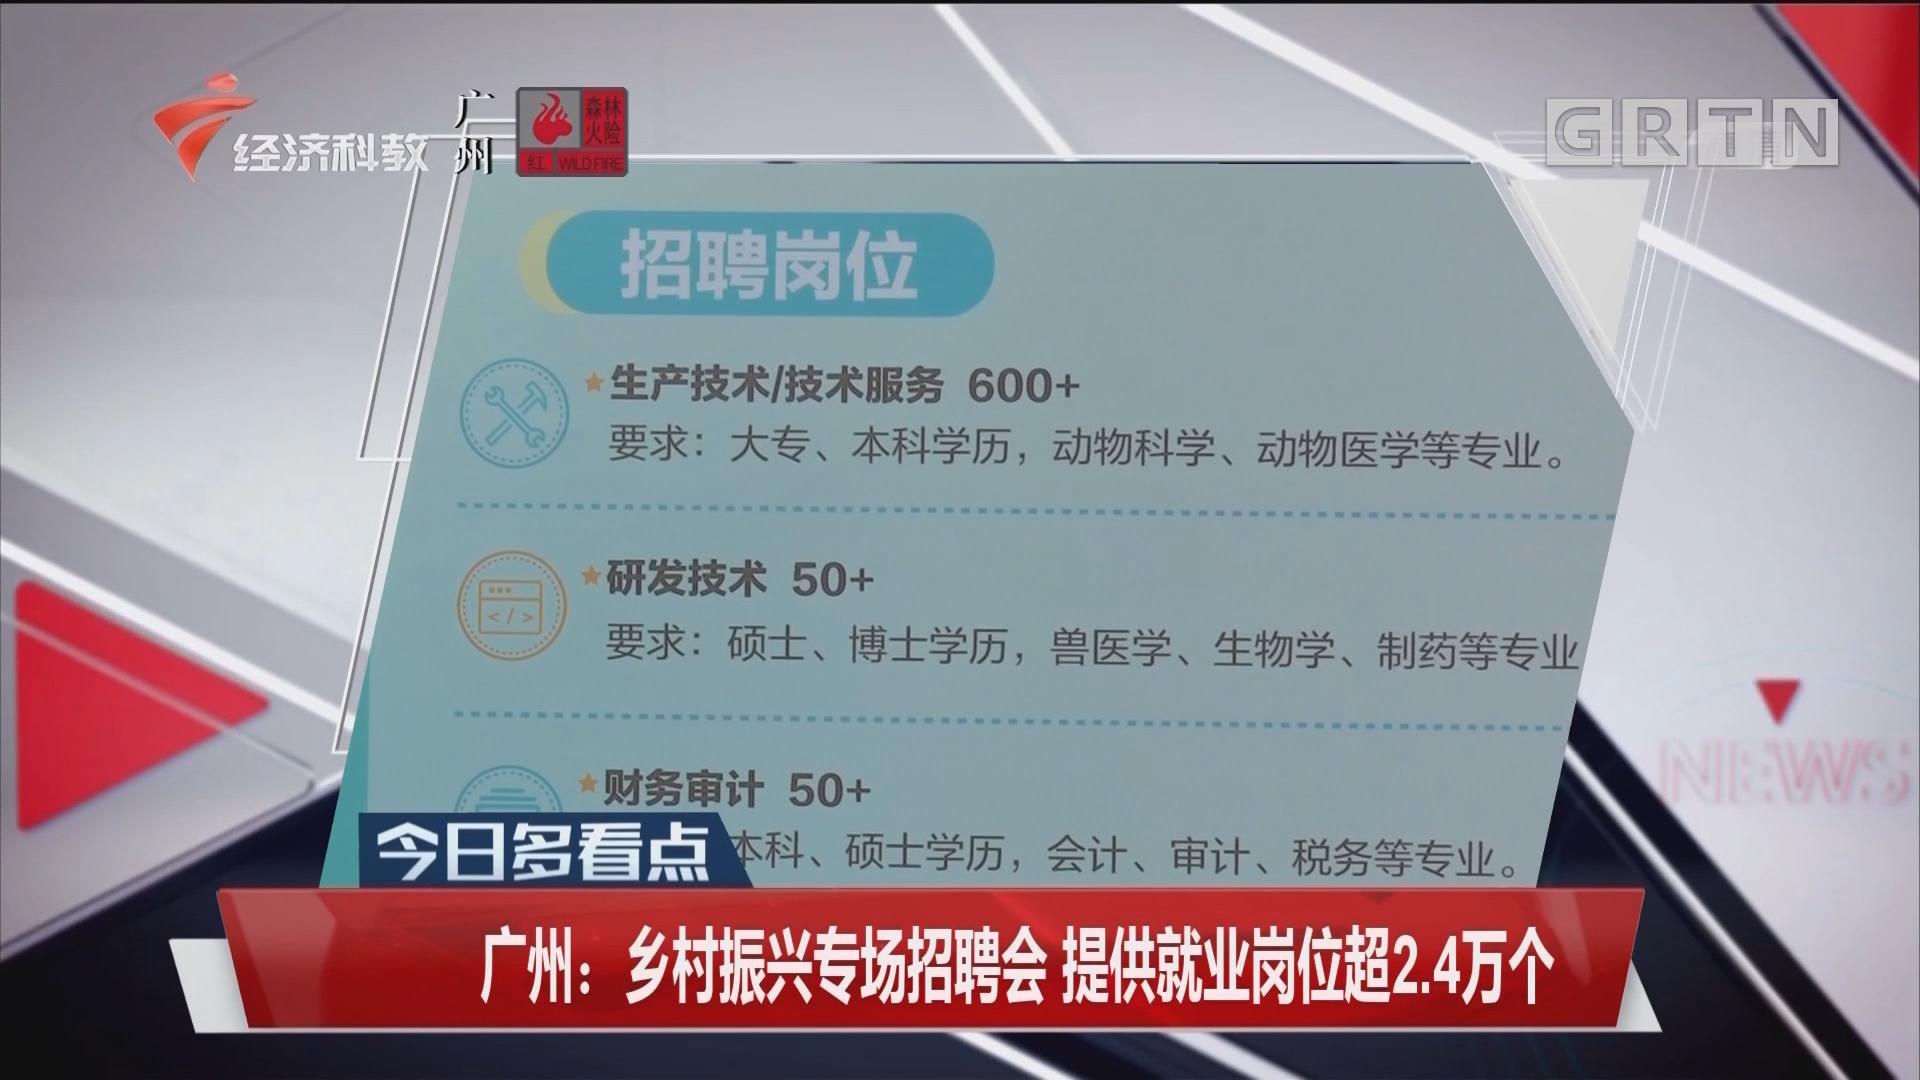 广州:乡村振兴专场招聘会 提供就业岗位超2.4万个